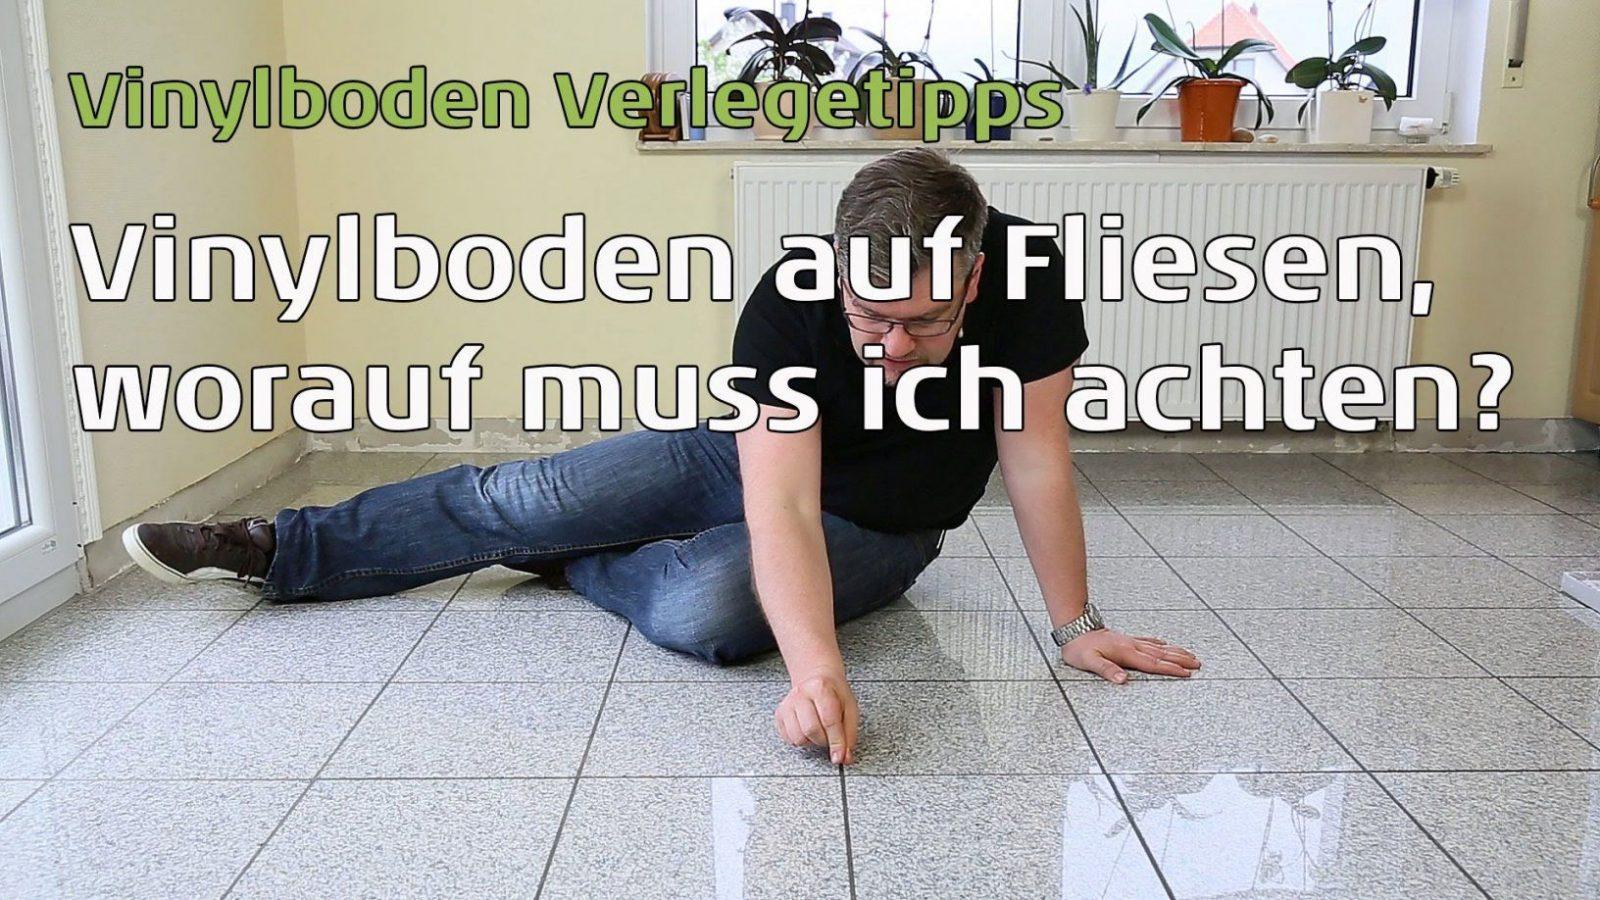 Vinylboden Auf Fliesen Verlegen Wie Breit Und Tief Darf Die Fuge von Vinylboden Auf Fliesen Legen Bild